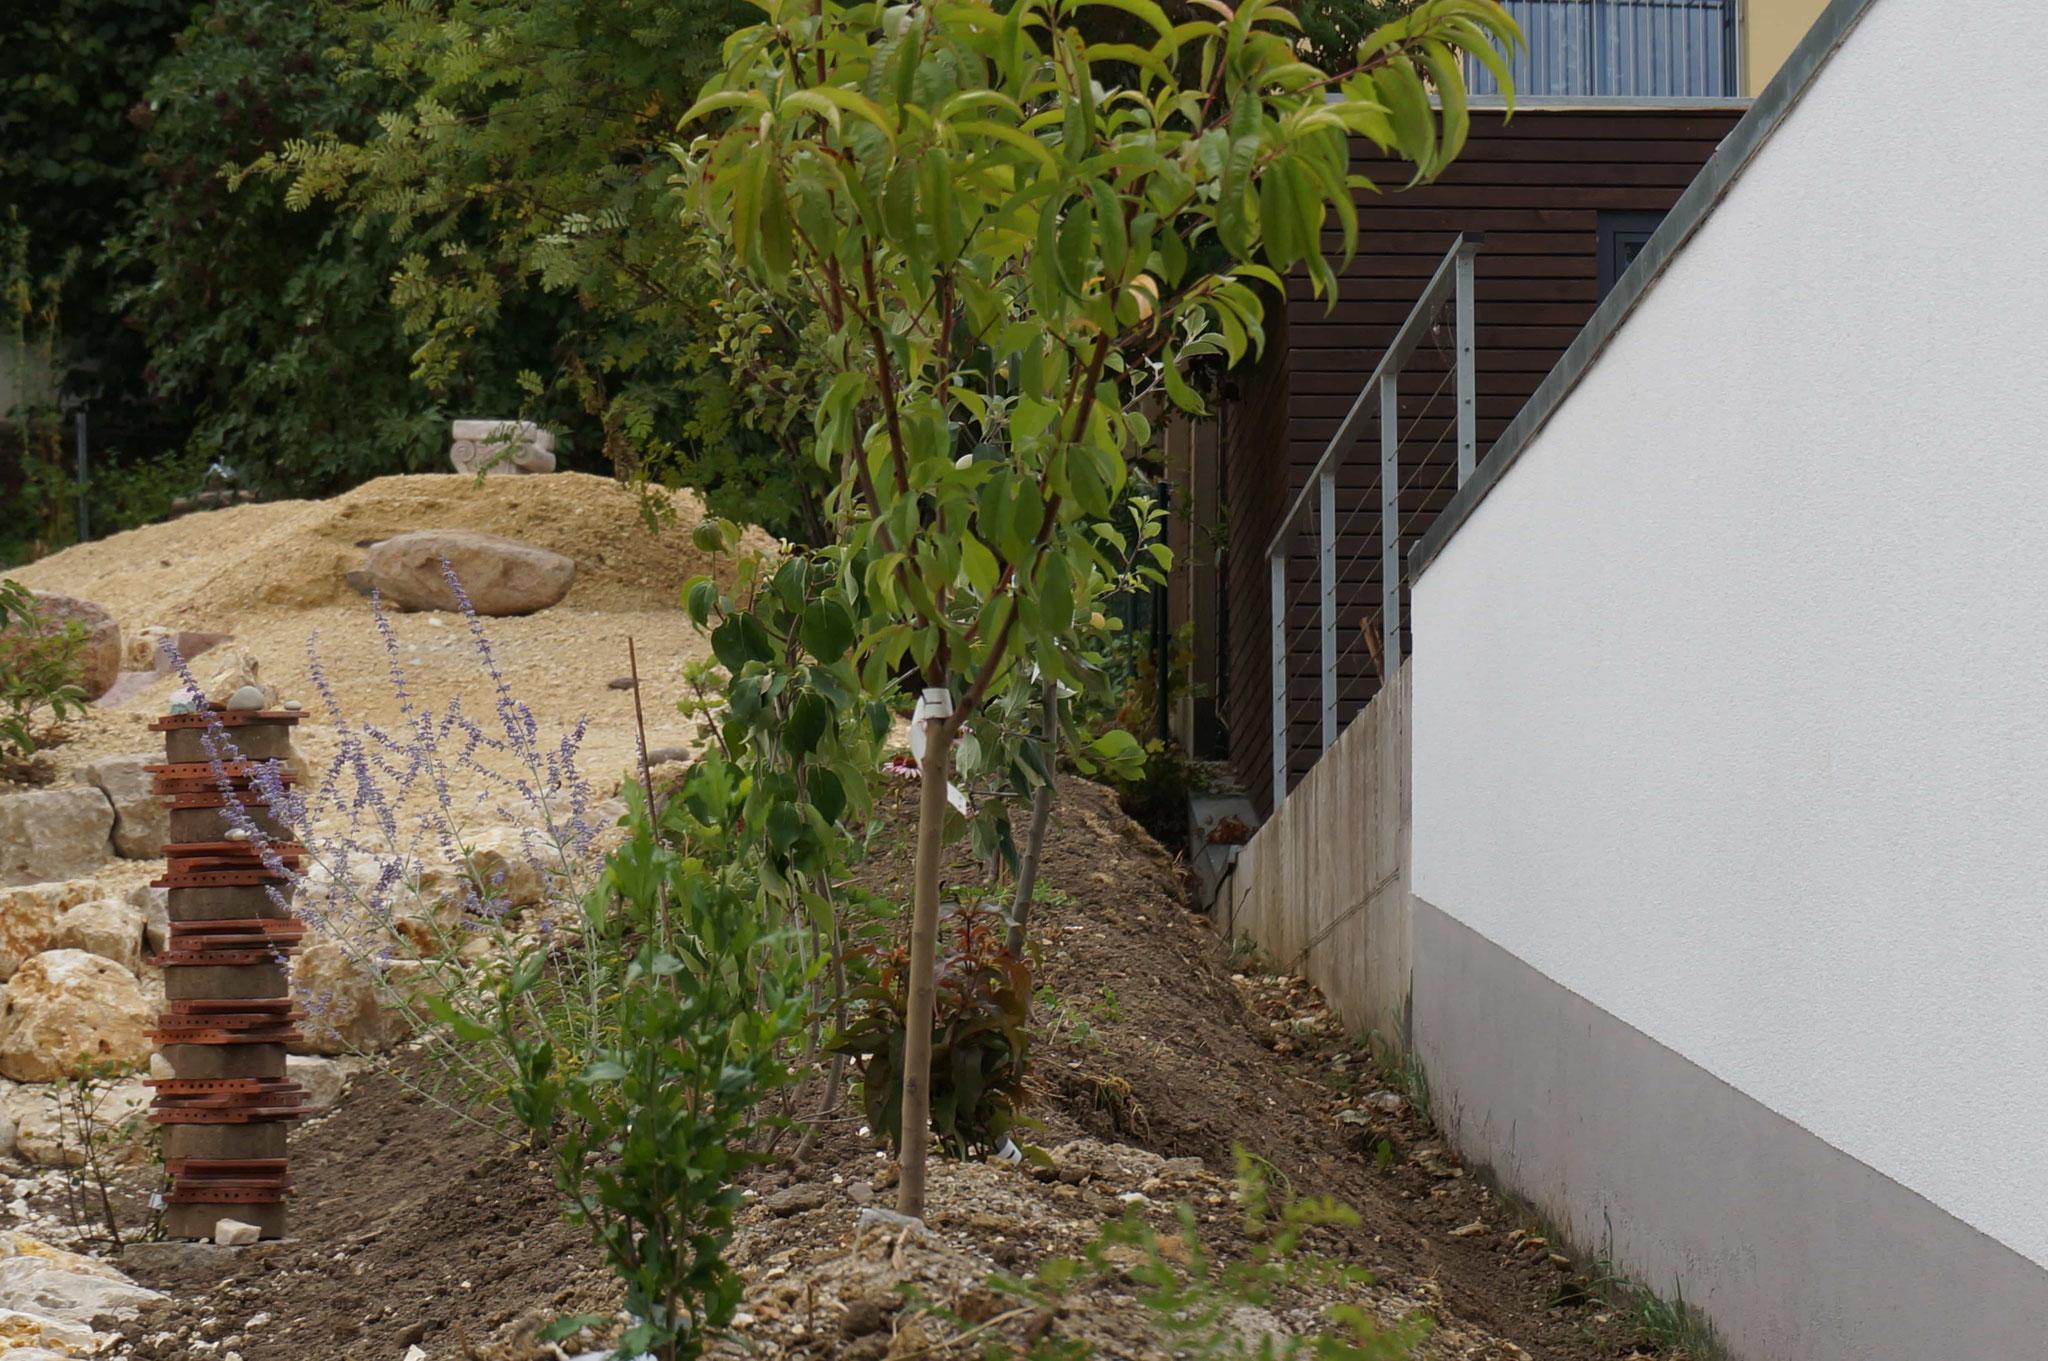 frisch angepflanzt - ganz rechts zur Garage werden Himbeeren gepflanzt